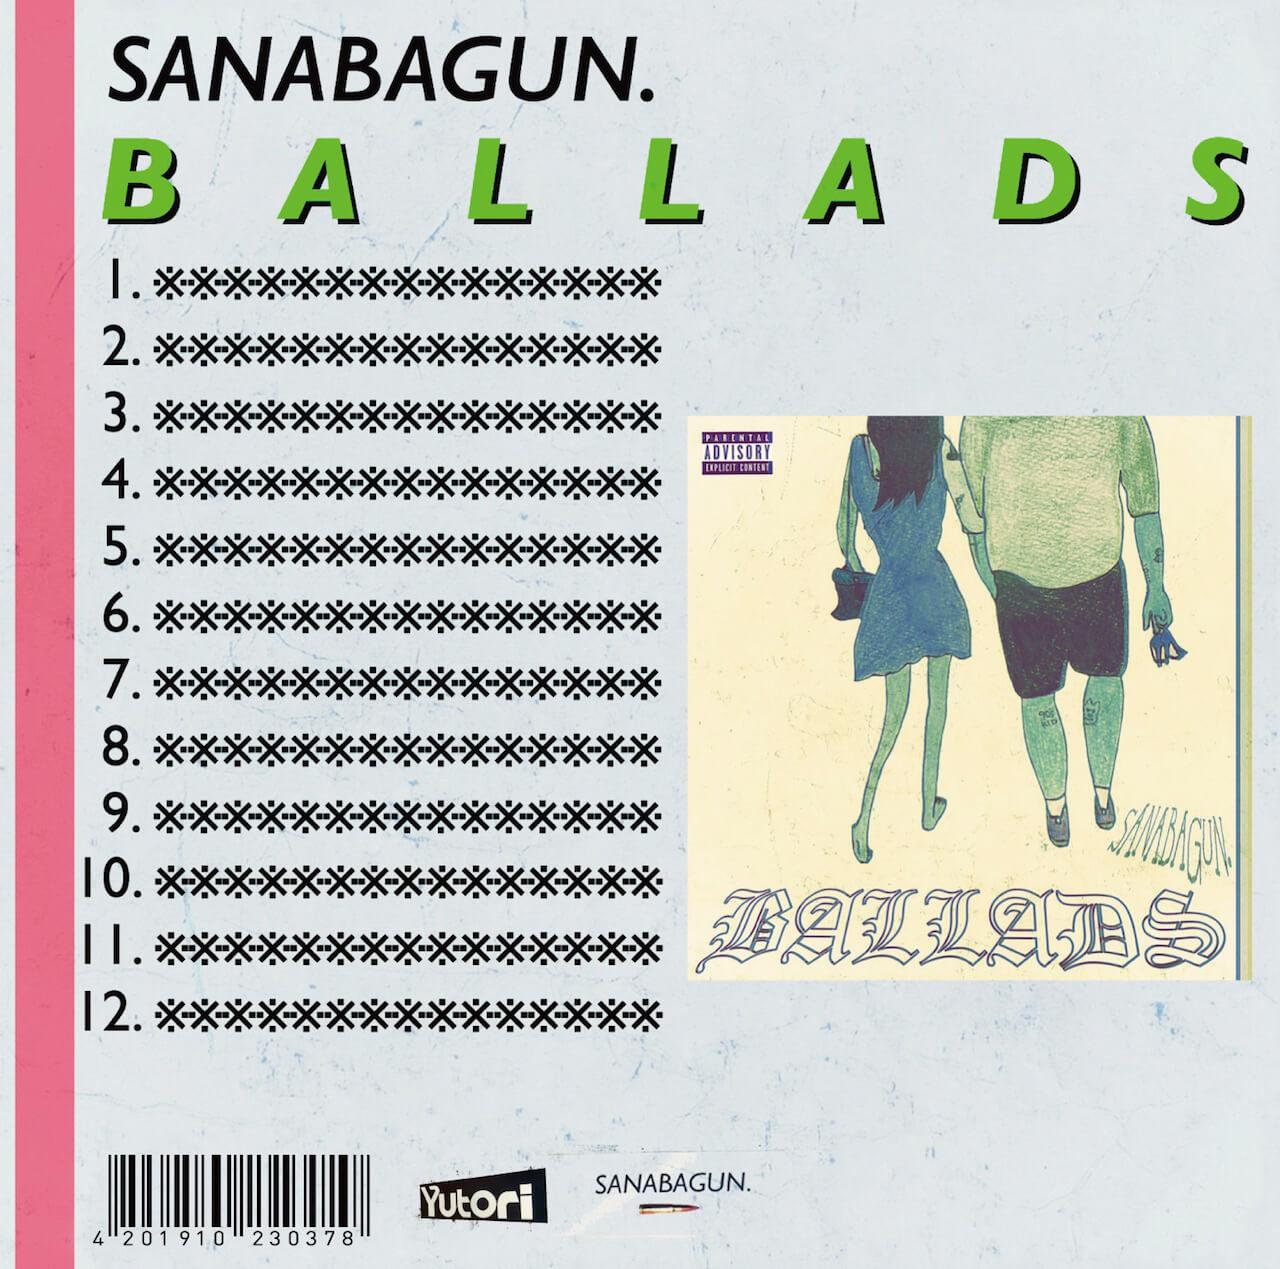 さらなる高みを目指すSANABAGUN.が4thアルバム『BALLADS』で求めた変化 interview-sanabagun-15